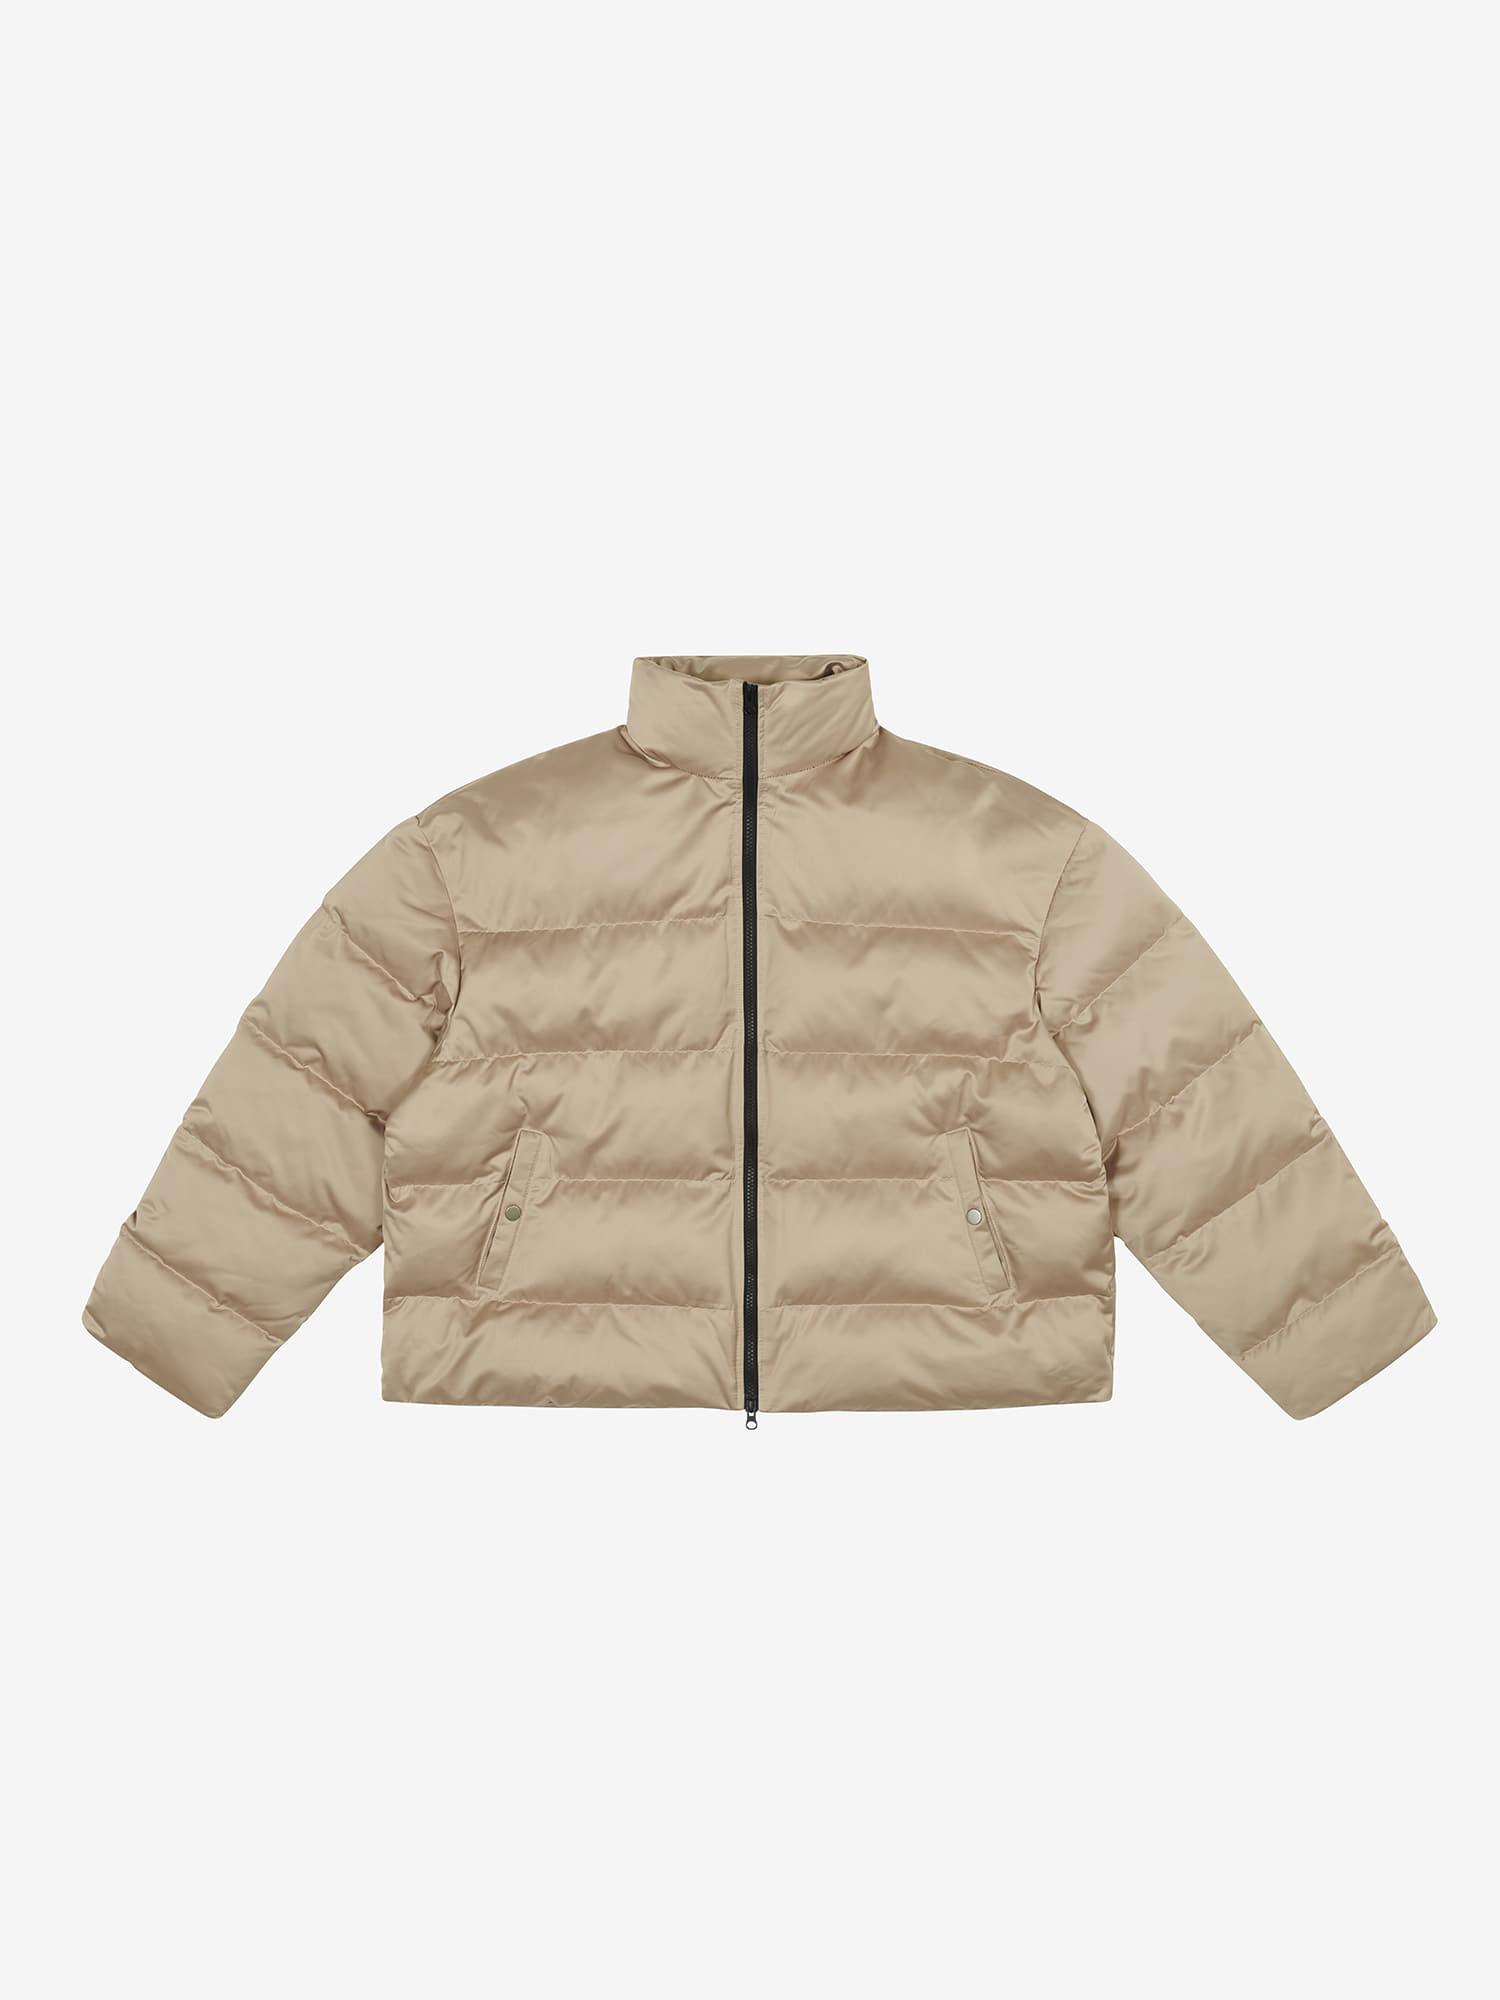 Oversized Padded Jacket - Beige